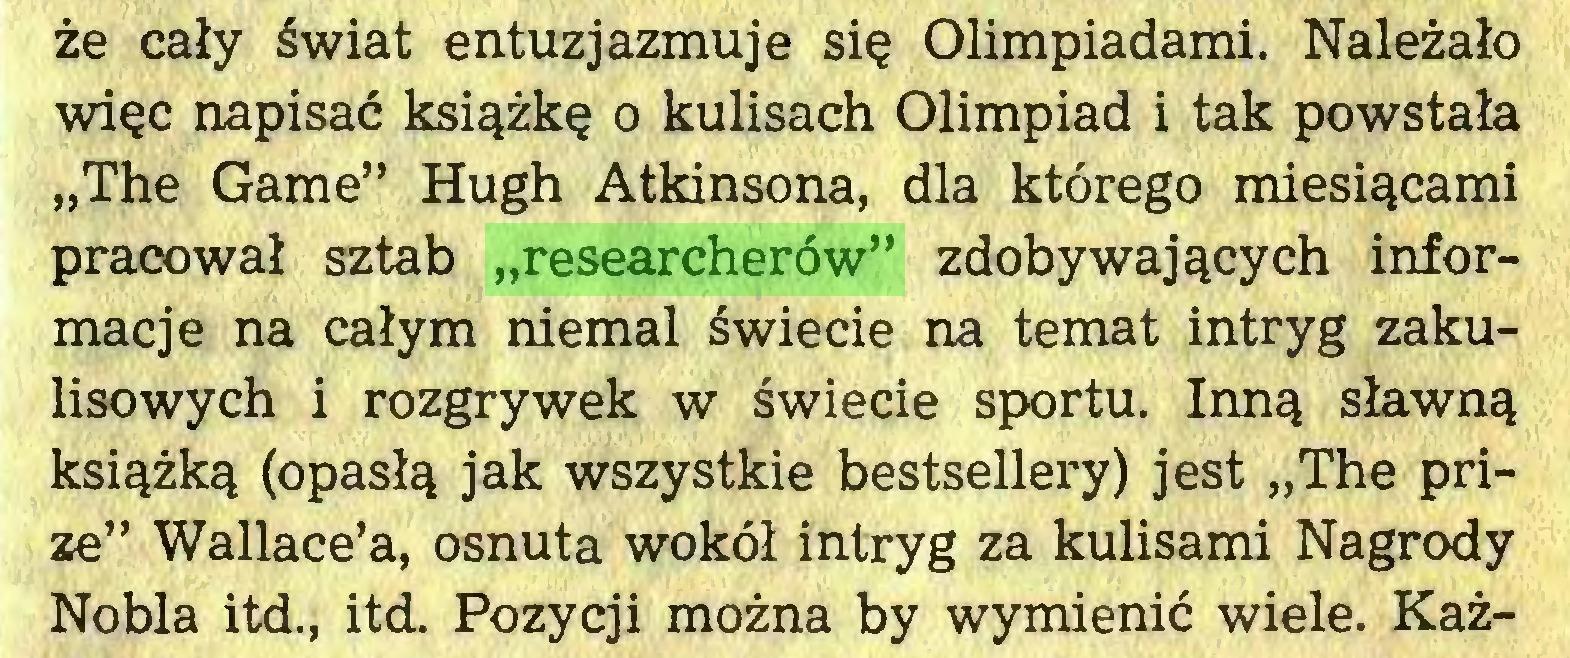 """(...) że cały świat entuzjazmuje się Olimpiadami. Należało więc napisać książkę o kulisach Olimpiad i tak powstała """"The Gamę"""" Hugh Atkinsona, dla którego miesiącami pracował sztab """"researcherów"""" zdobywających informacje na całym niemal świecie na temat intryg zakulisowych i rozgrywek w świecie sportu. Inną sławną książką (opasłą jak wszystkie bestsellery) jest """"The prize"""" Wallace'a, osnuta wokół intryg za kulisami Nagrody Nobla itd., itd. Pozycji można by wymienić wiele. Każ..."""